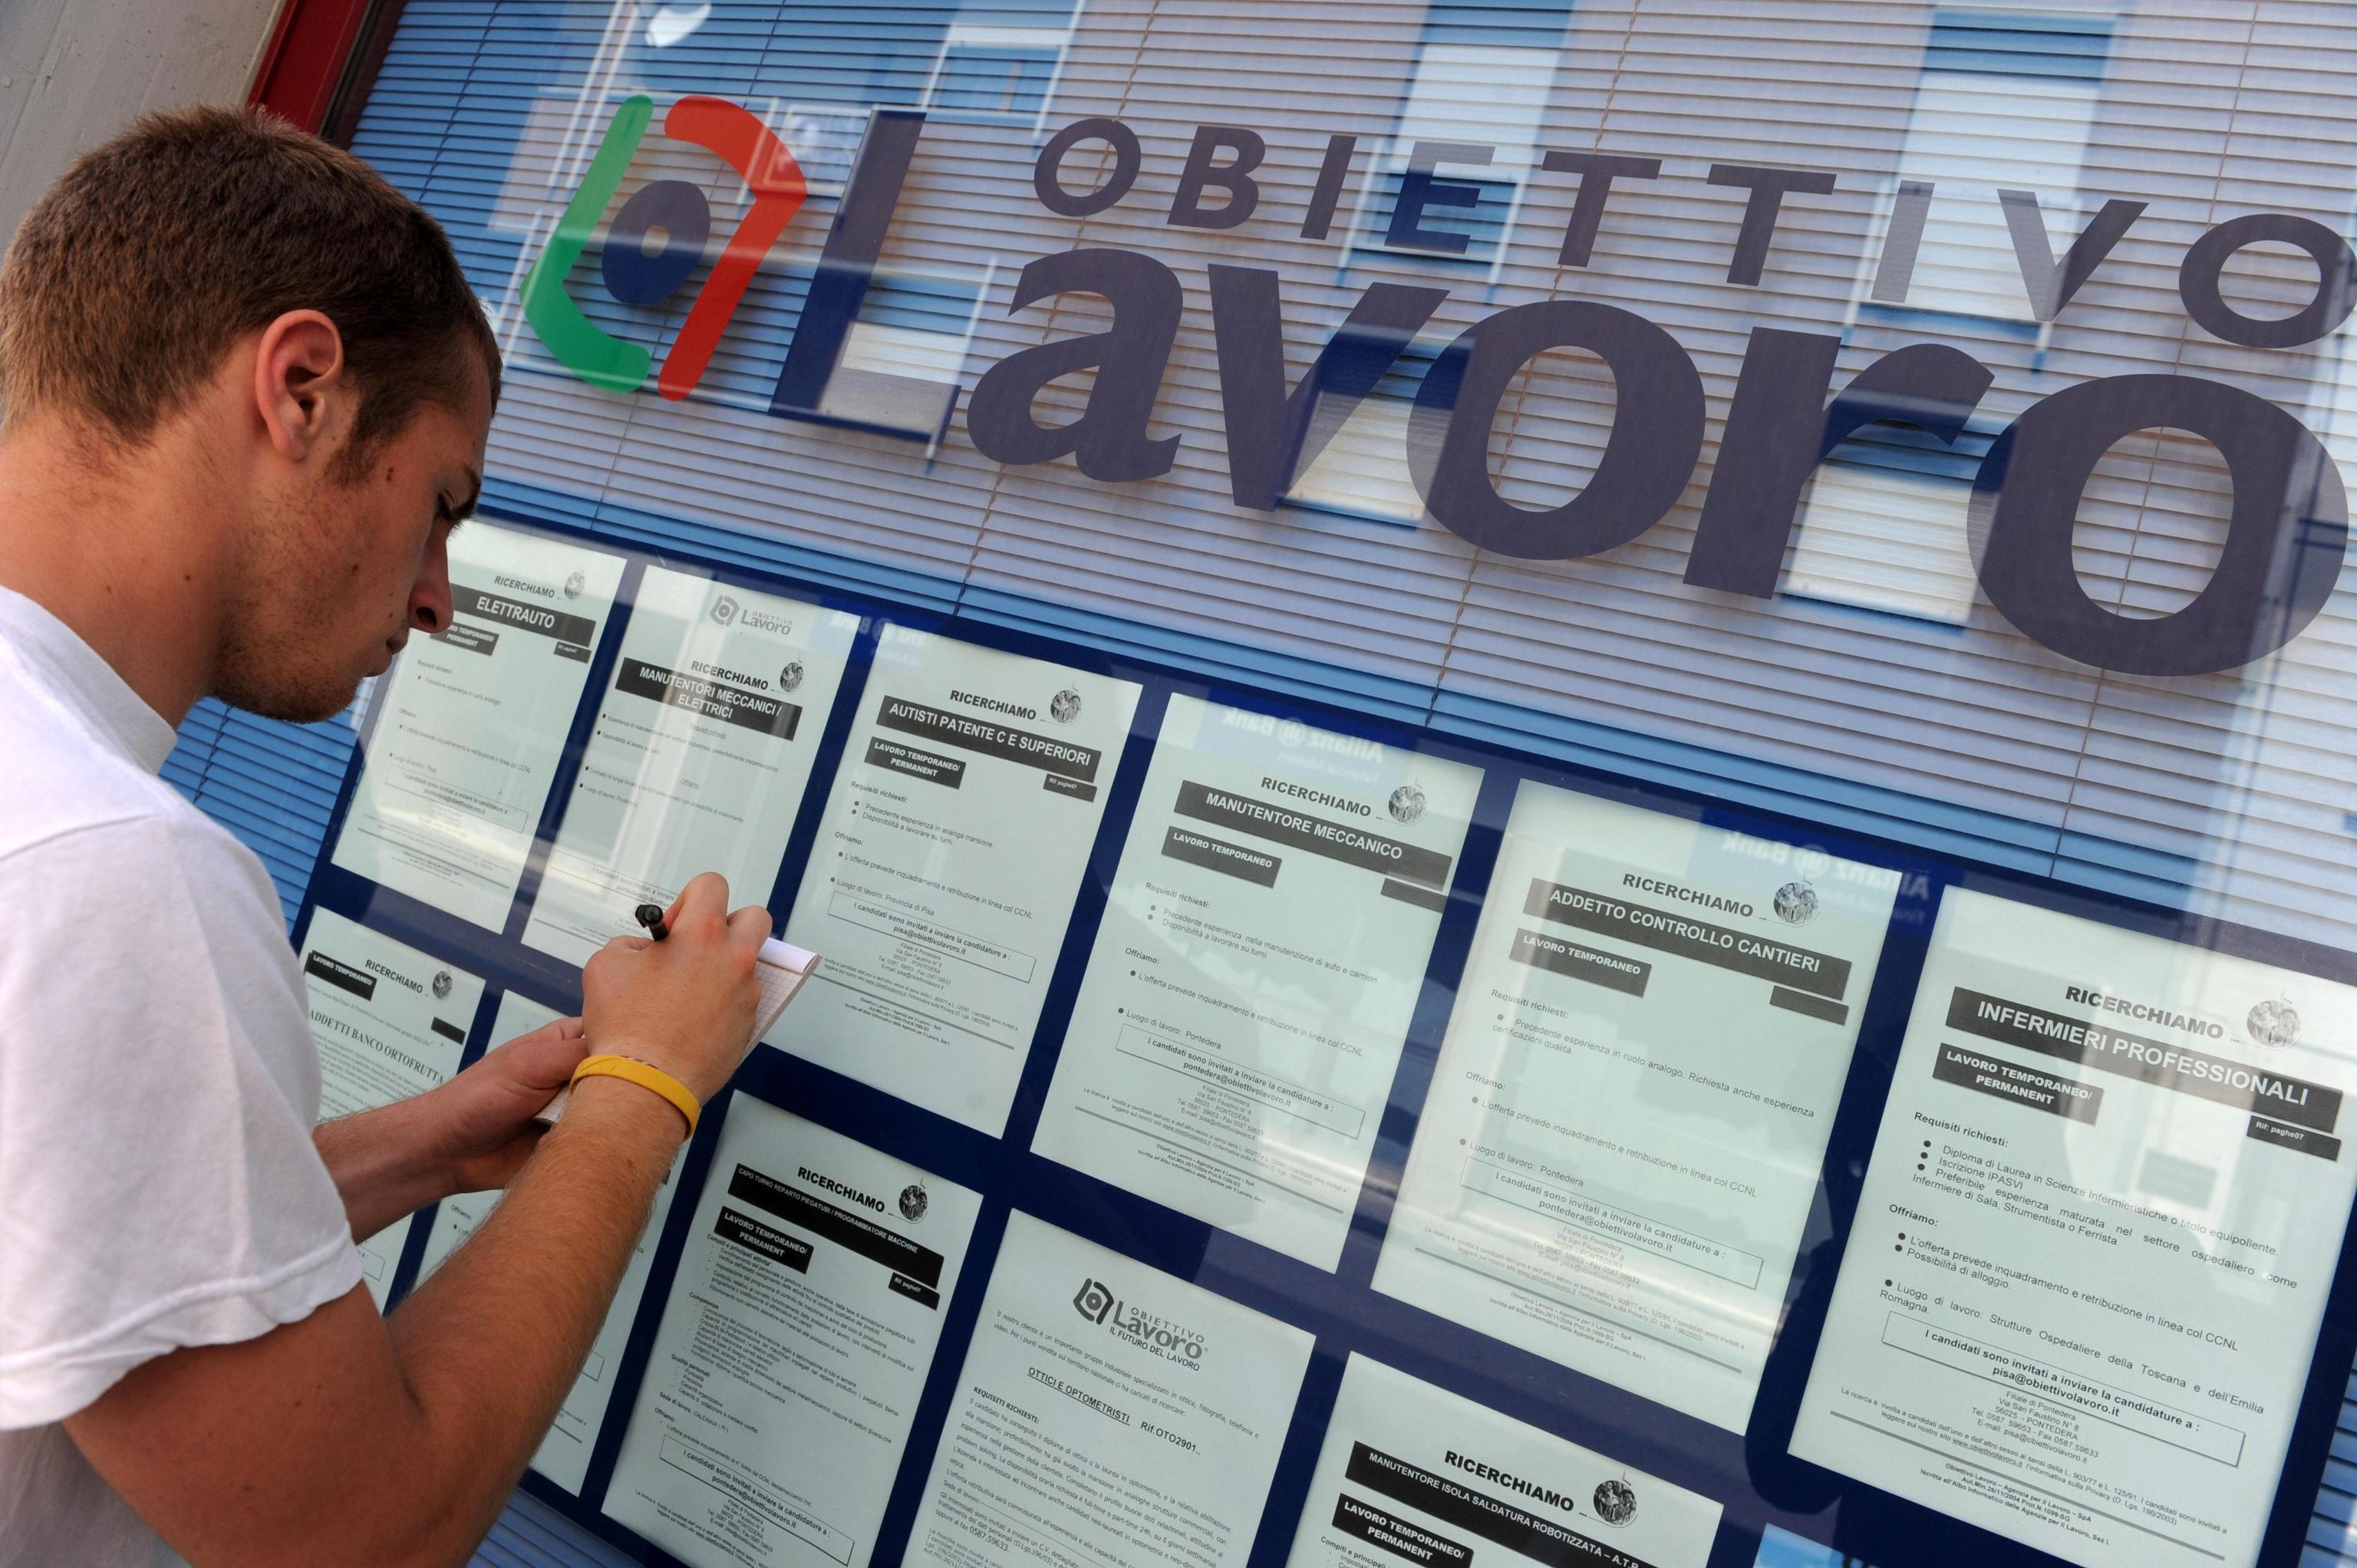 Lavoro: più disoccupati e meno occupati, donne soprattutto